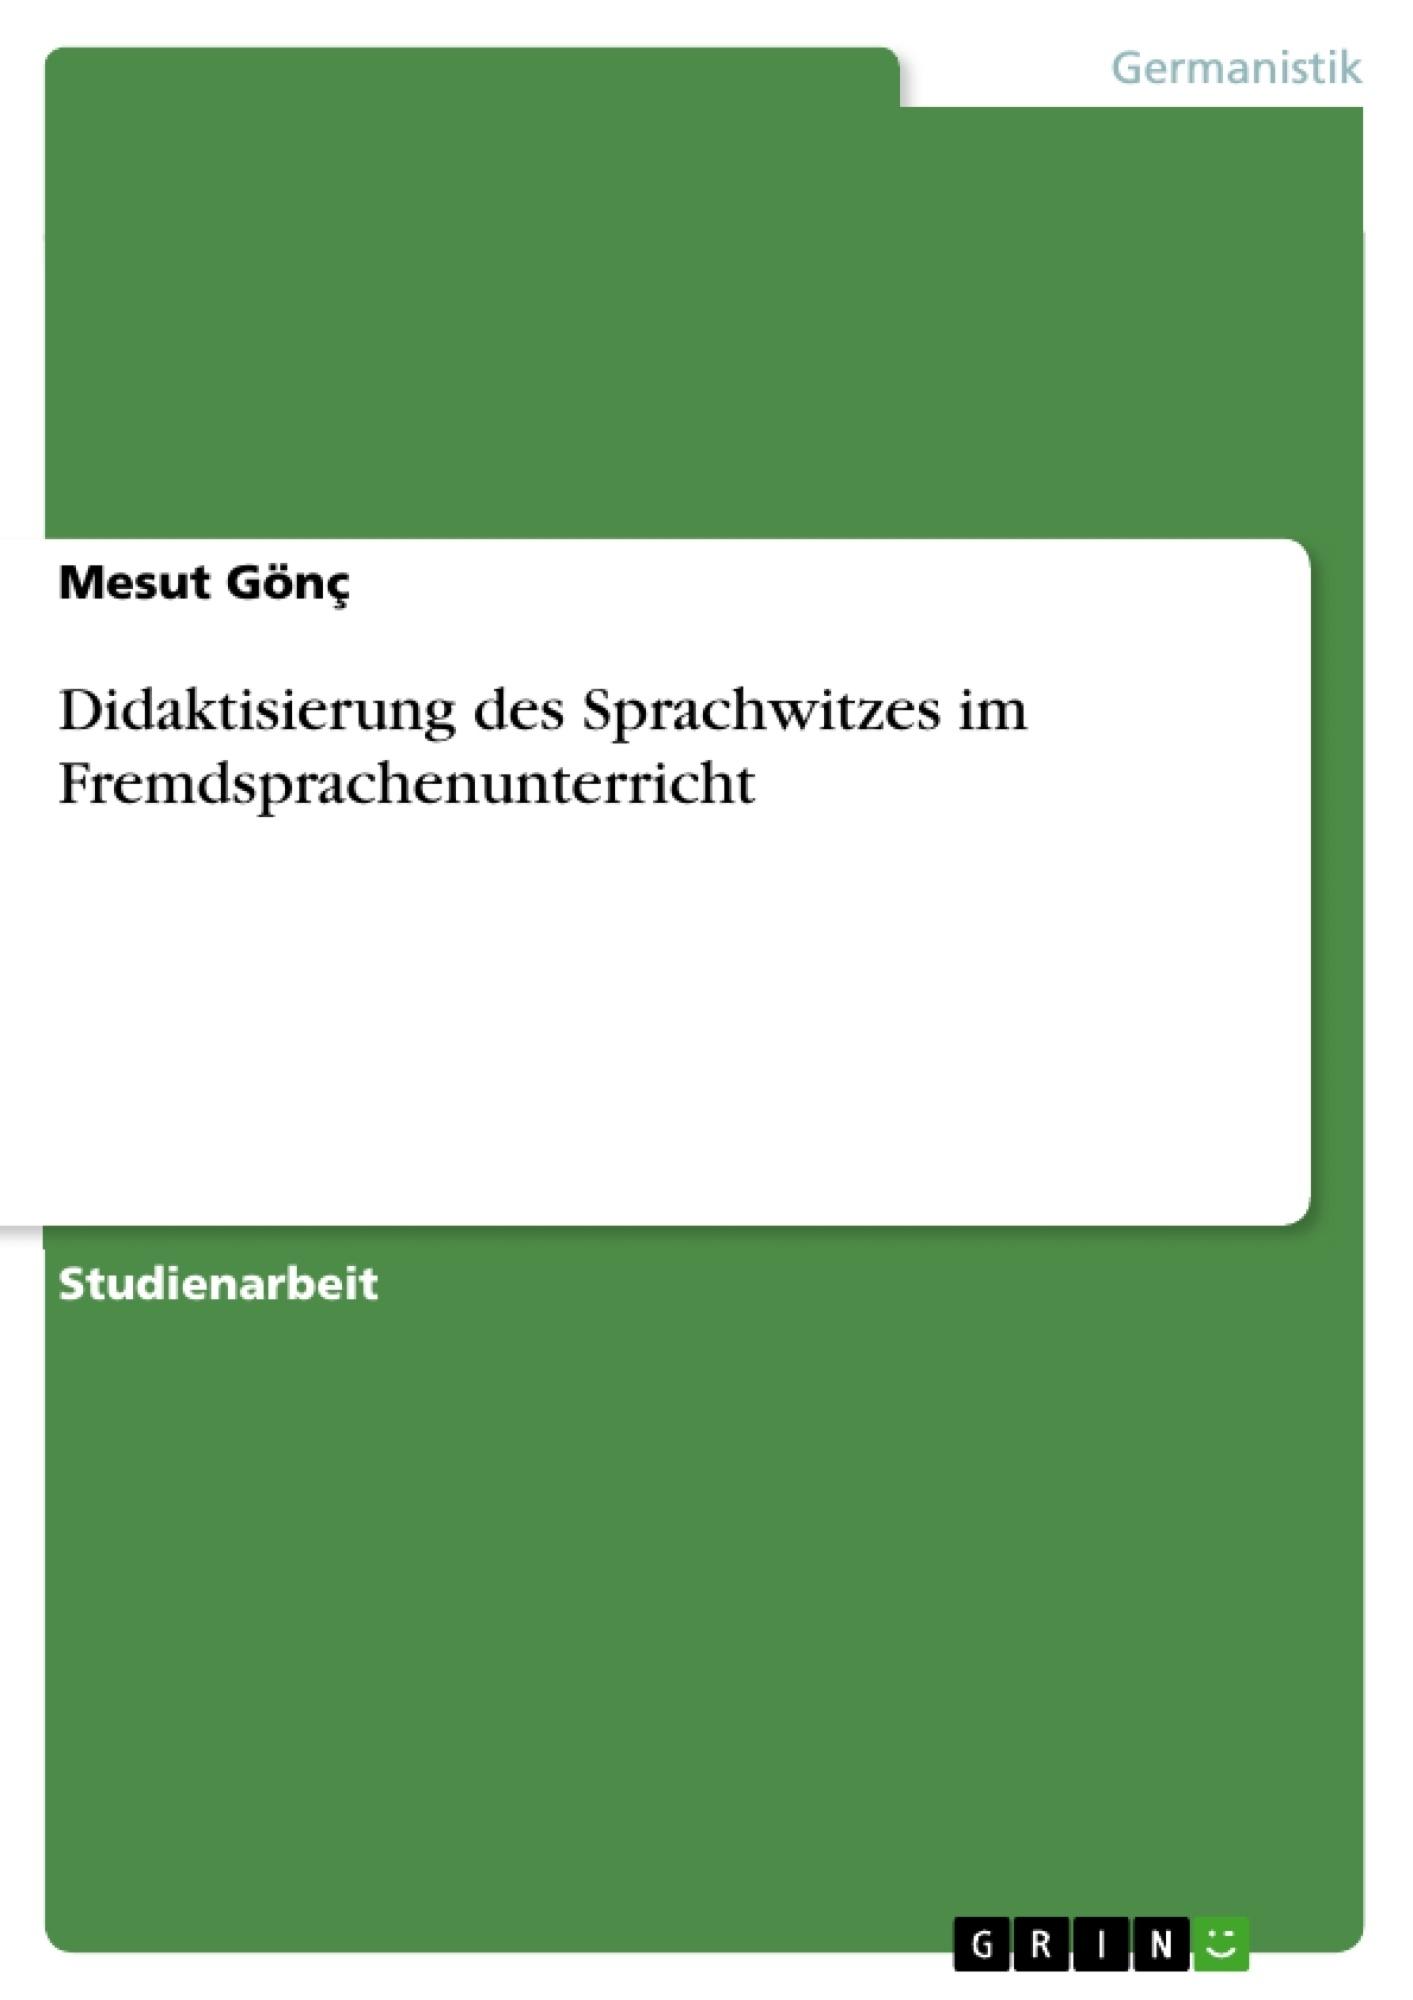 Titel: Didaktisierung des Sprachwitzes im Fremdsprachenunterricht